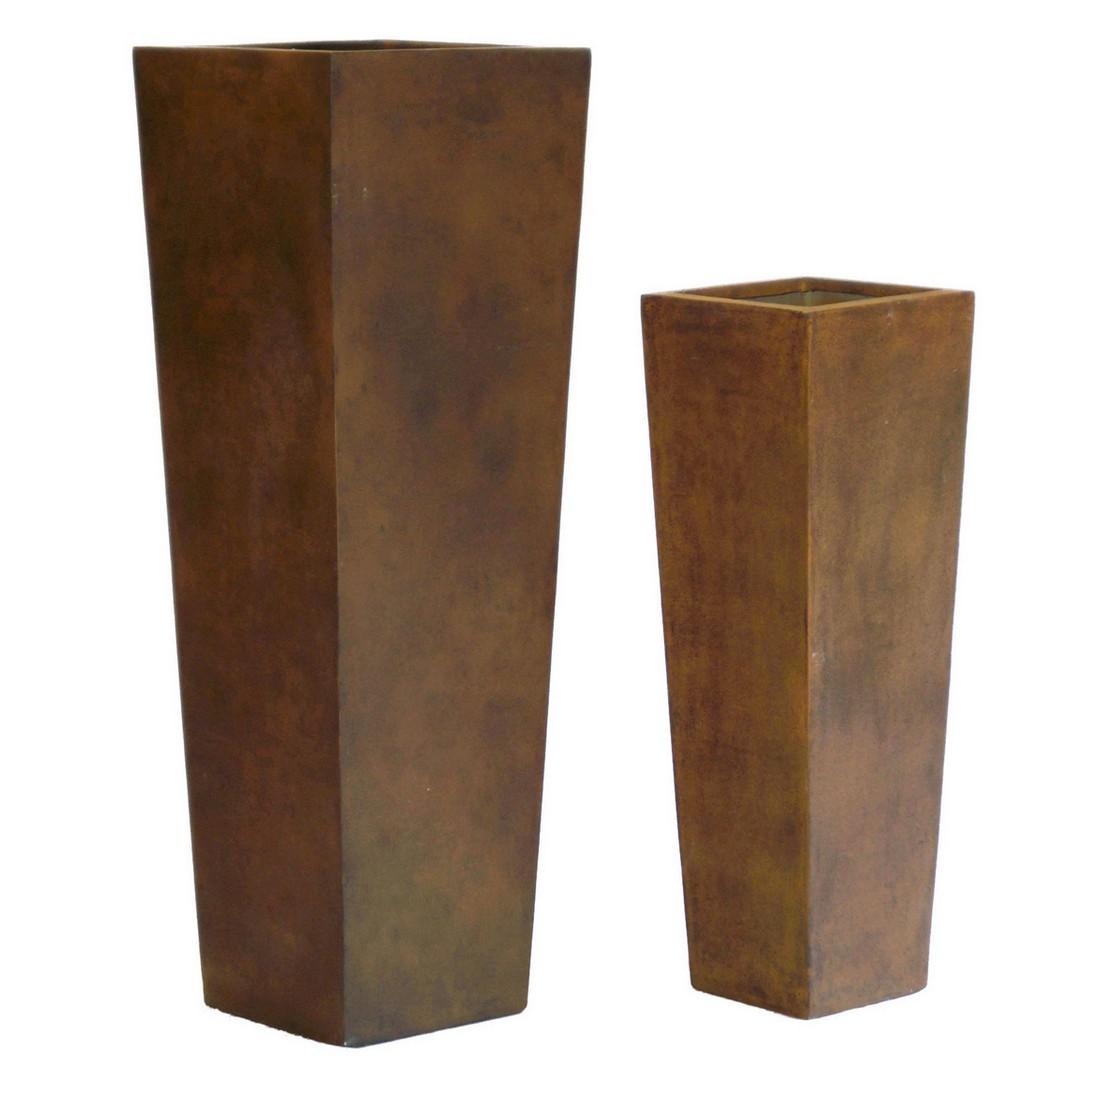 Pflanzkübel Rusty Iron – Kunststoff – Classic Eckig – Höhe: 90 cm Breit: 30 cm (einzeln), Viducci's Garden günstig online kaufen